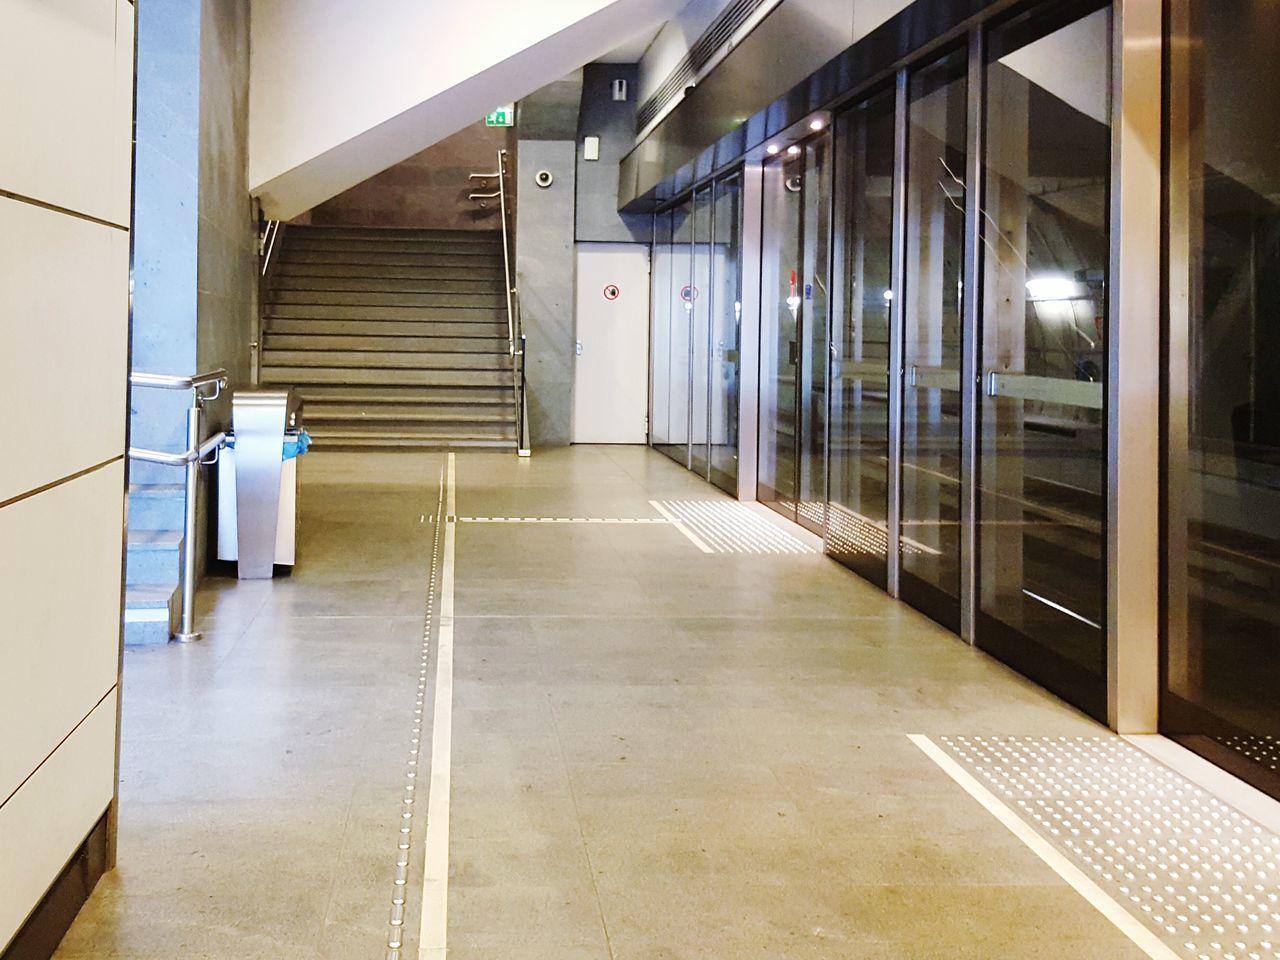 The Week On EyeEm Underground Passage Underground Station  Metro Interior Architecture Architecture Stairs Modern Architecture